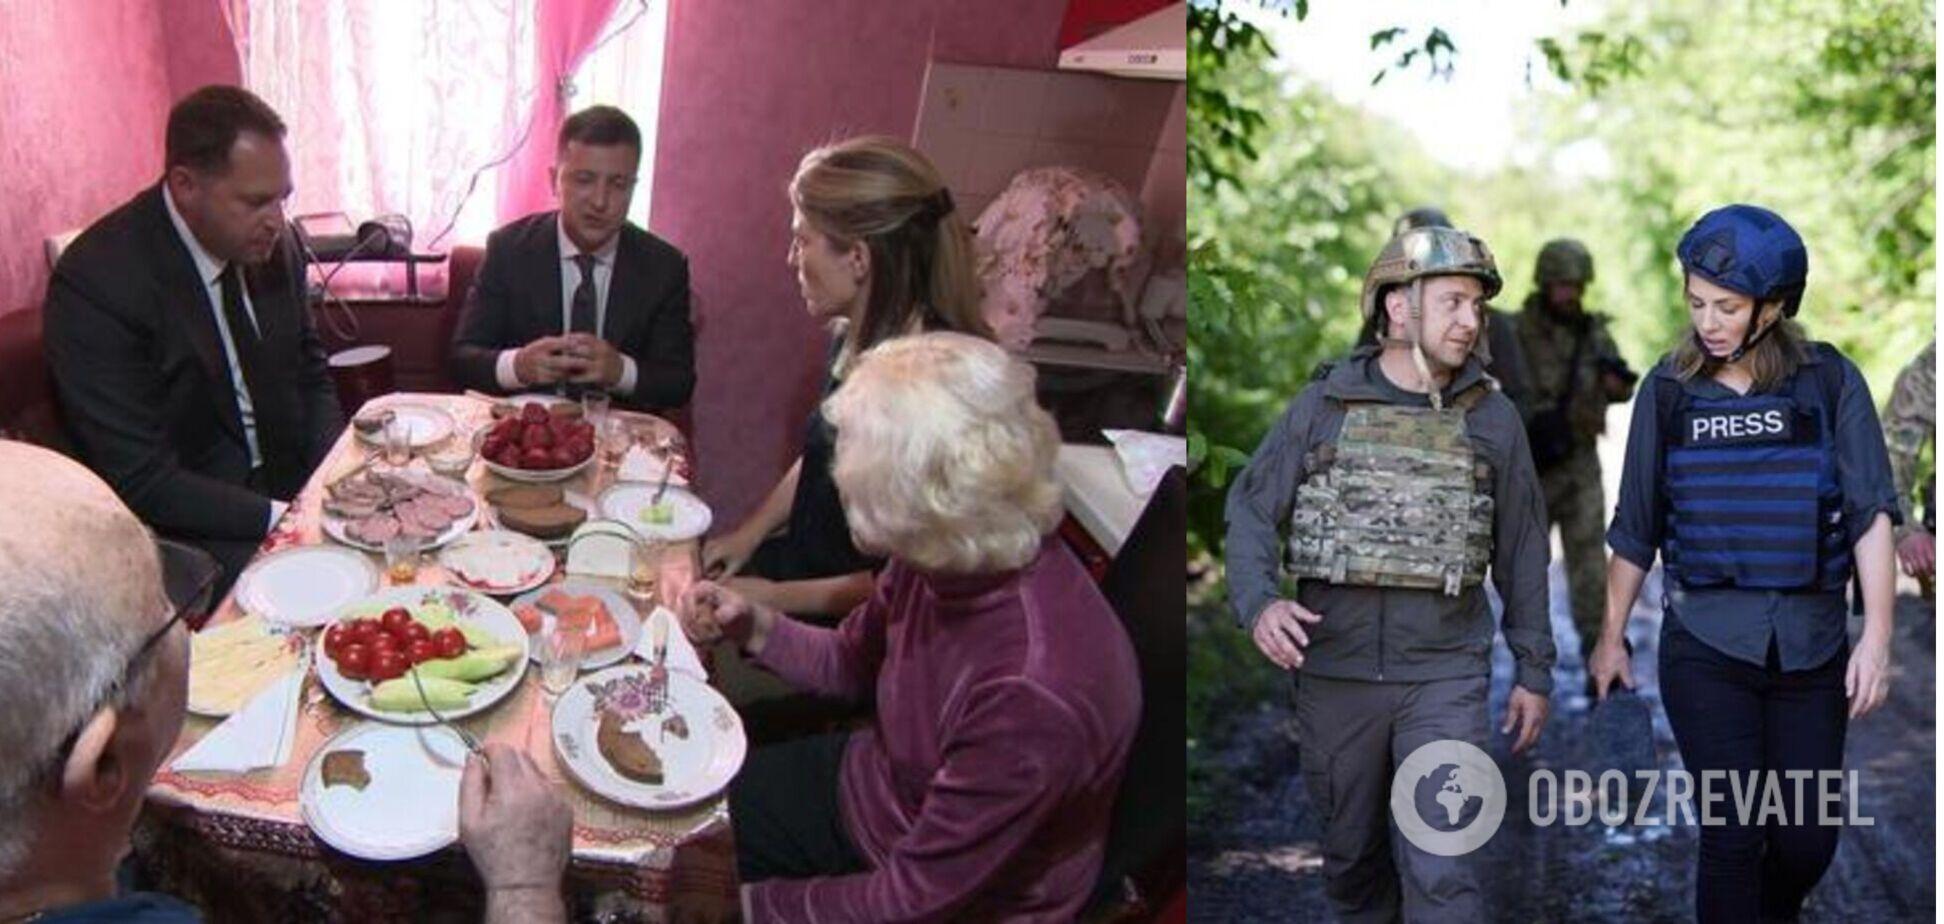 Зеленский позавтракал с представителями СМИ